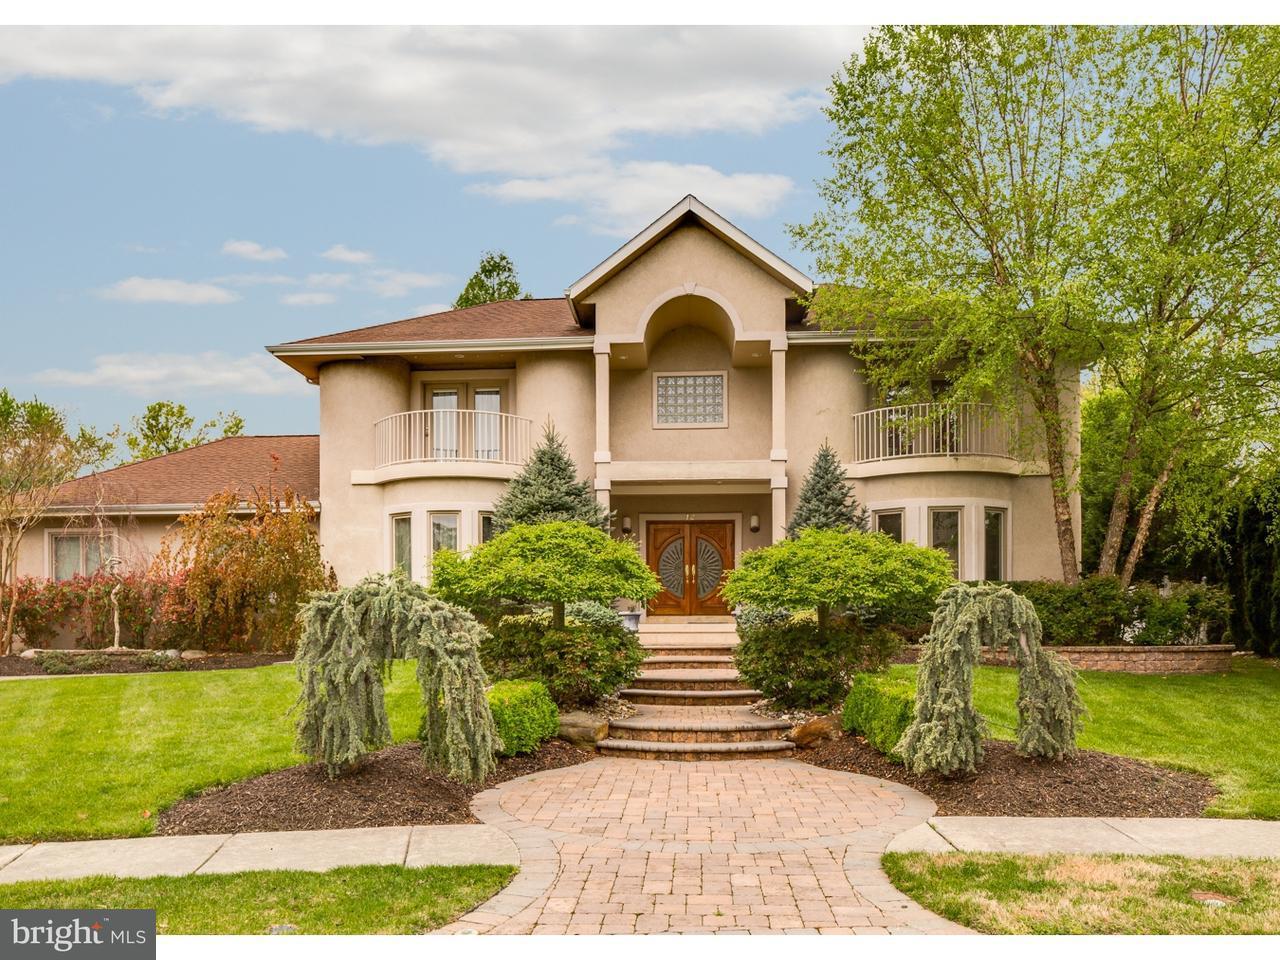 Maison unifamiliale pour l Vente à 12 CARRIAGE HOUSE Court Cherry Hill, New Jersey 08003 États-Unis